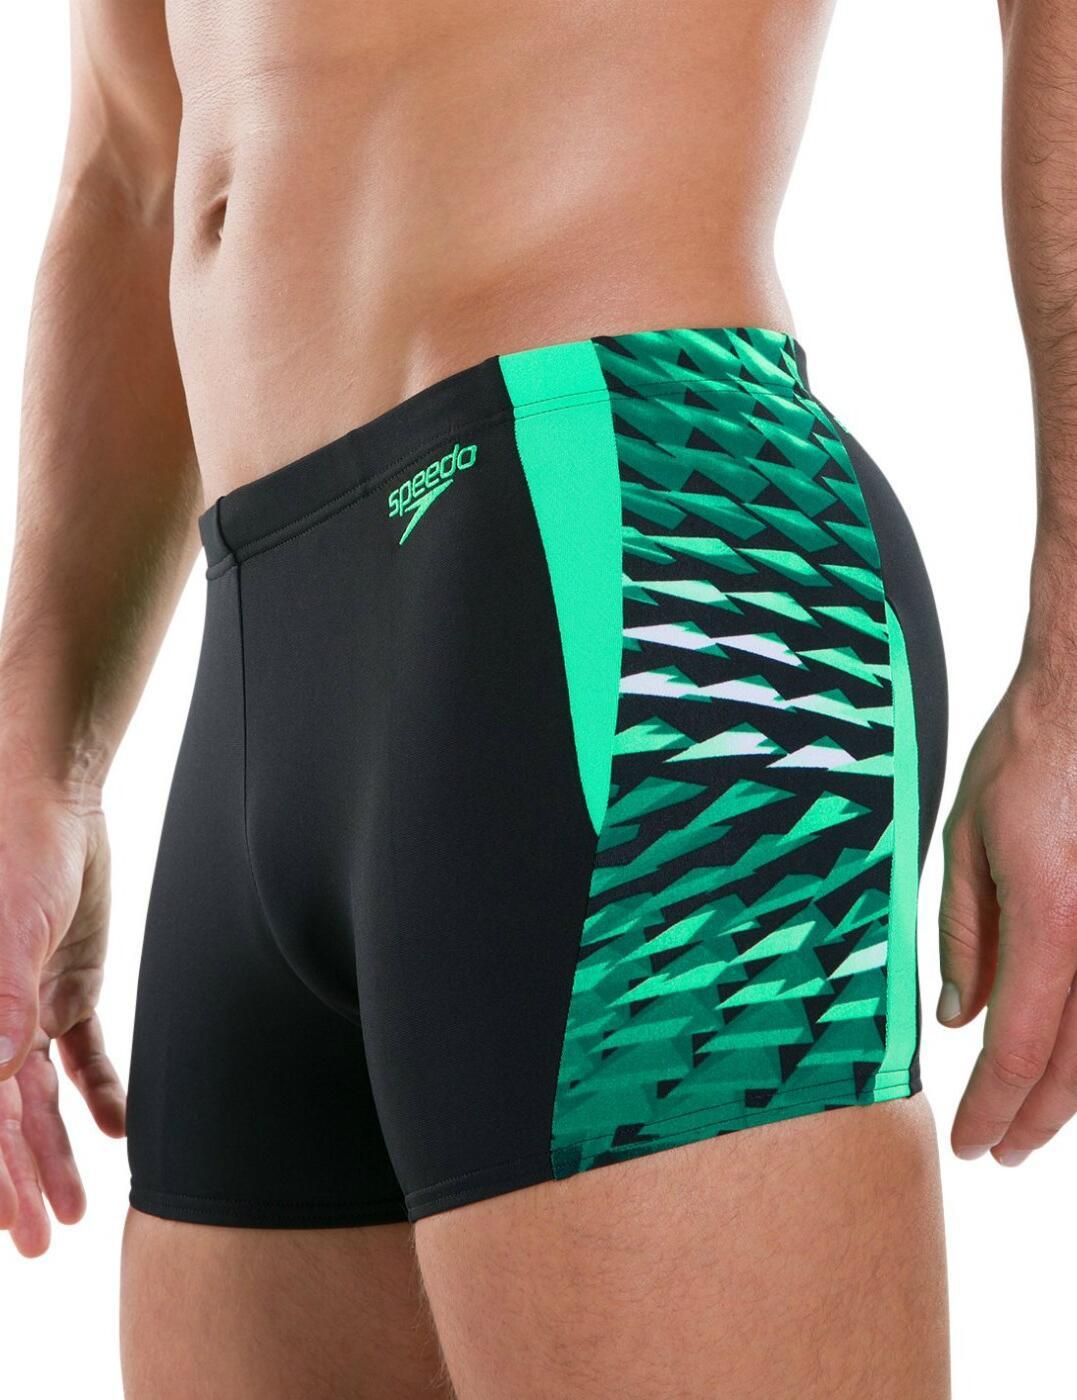 811356C502 Speedo Men's Graphic Splice Aquashort - 811356C502 Black/Green